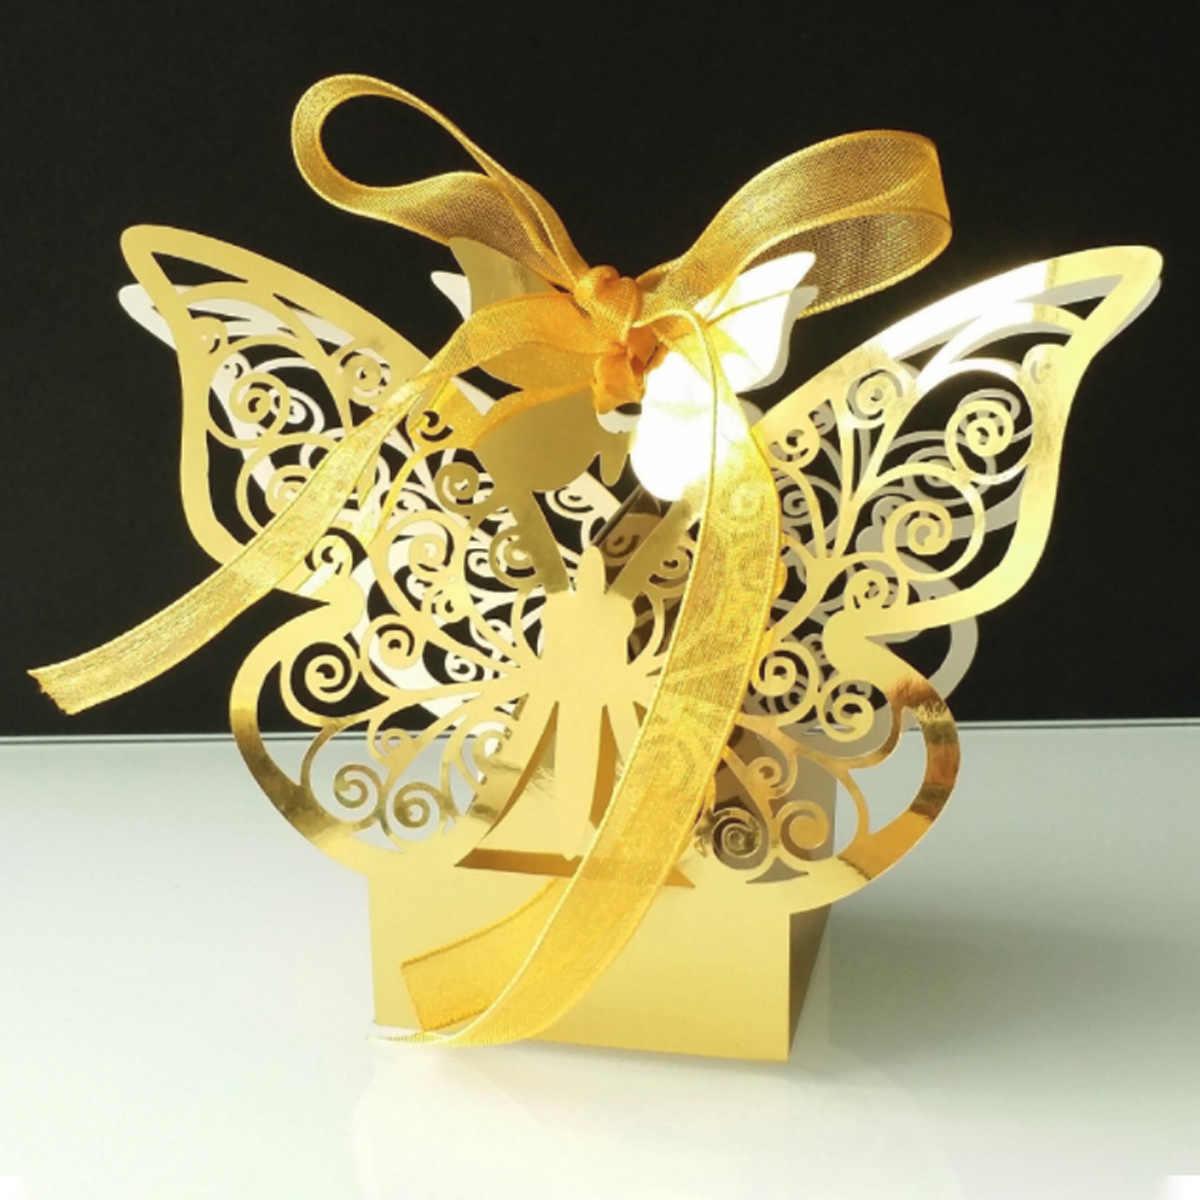 50 Pcs Bướm Món Quà Hộp Giấy Sáng Tạo Laser Cắt Wedding Kẹo Hộp Sô Cô La Carton Trang Trí Đám Cưới Nguồn Cung Cấp